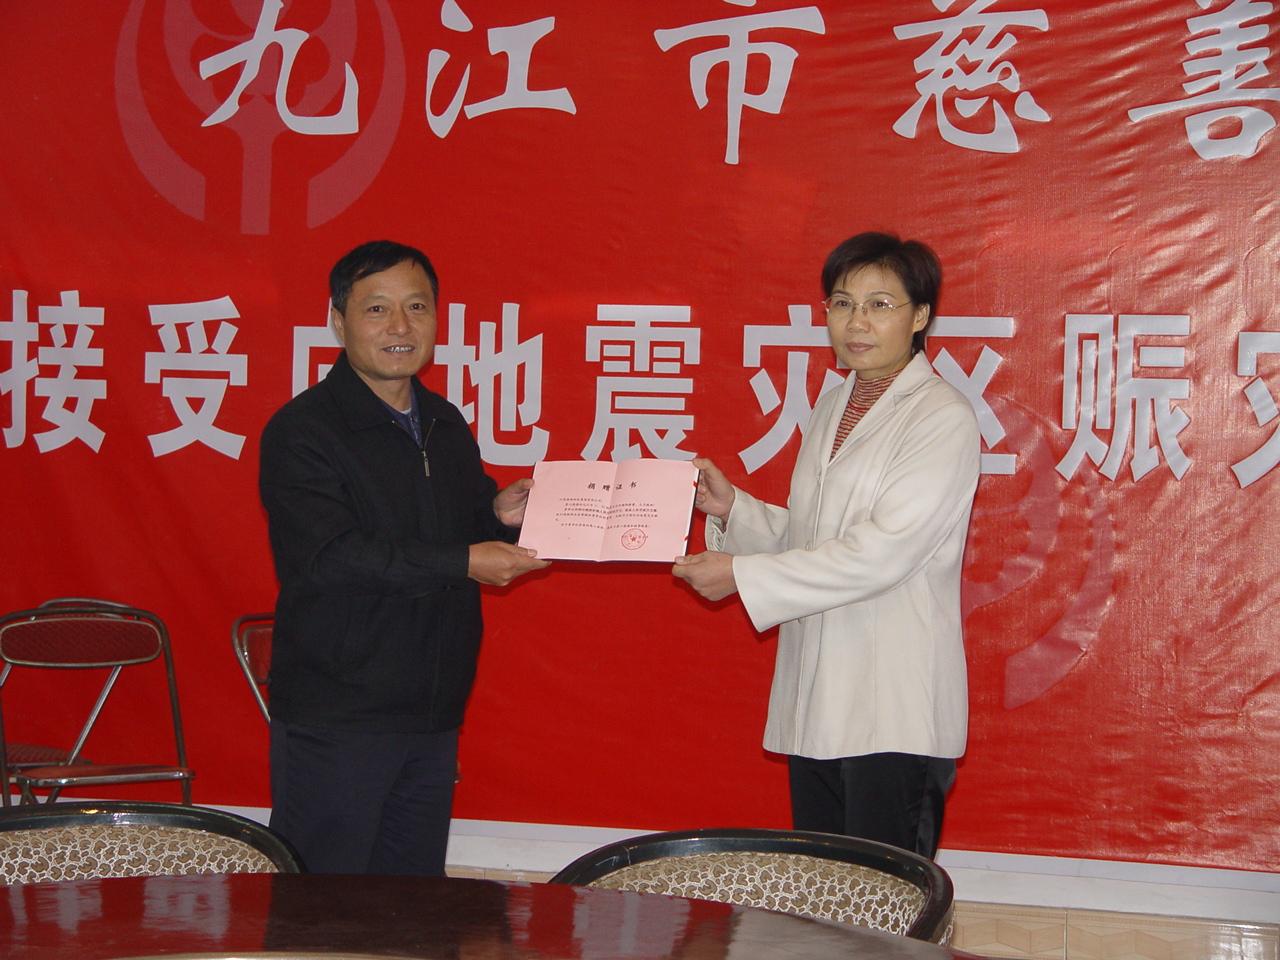 2005年11月26日在瑞昌发生5.7地震,集团全体职工向灾区捐款捐物17万元。图为总经理柳亚西代表集团接受九江慈善总会颁发的捐赠荣誉证书。